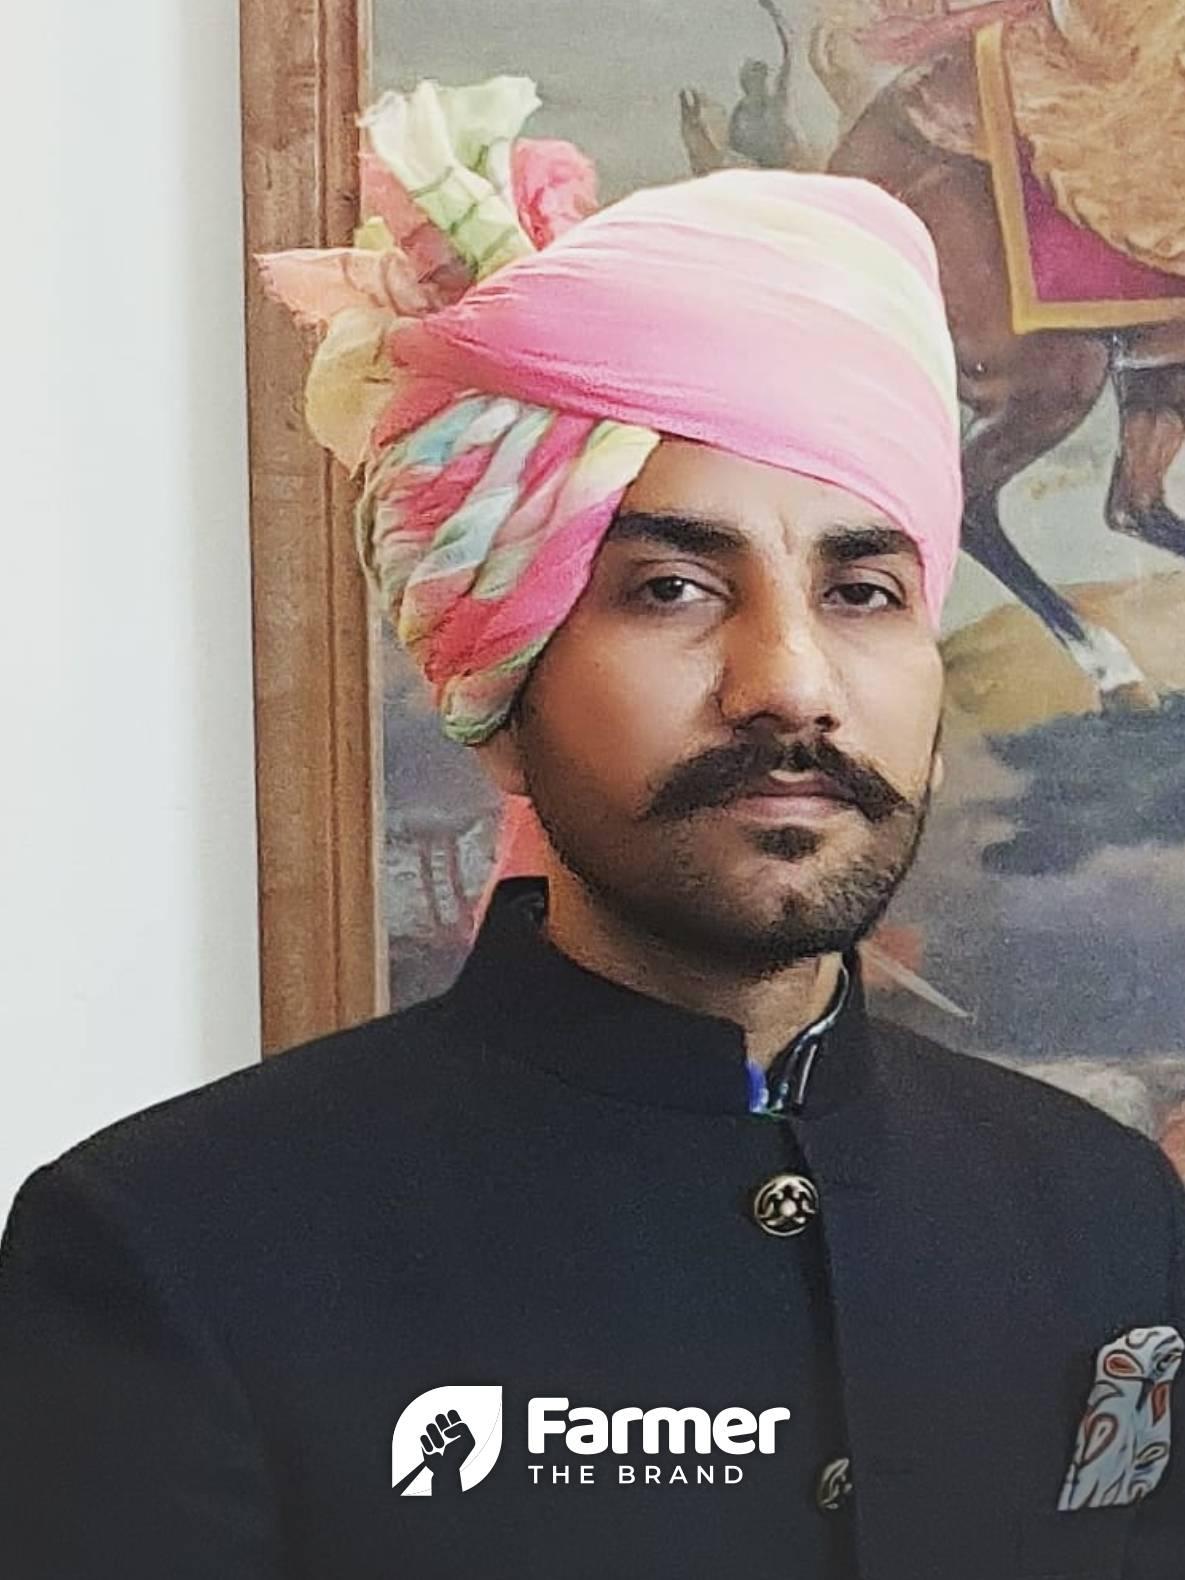 Maanveer Singh